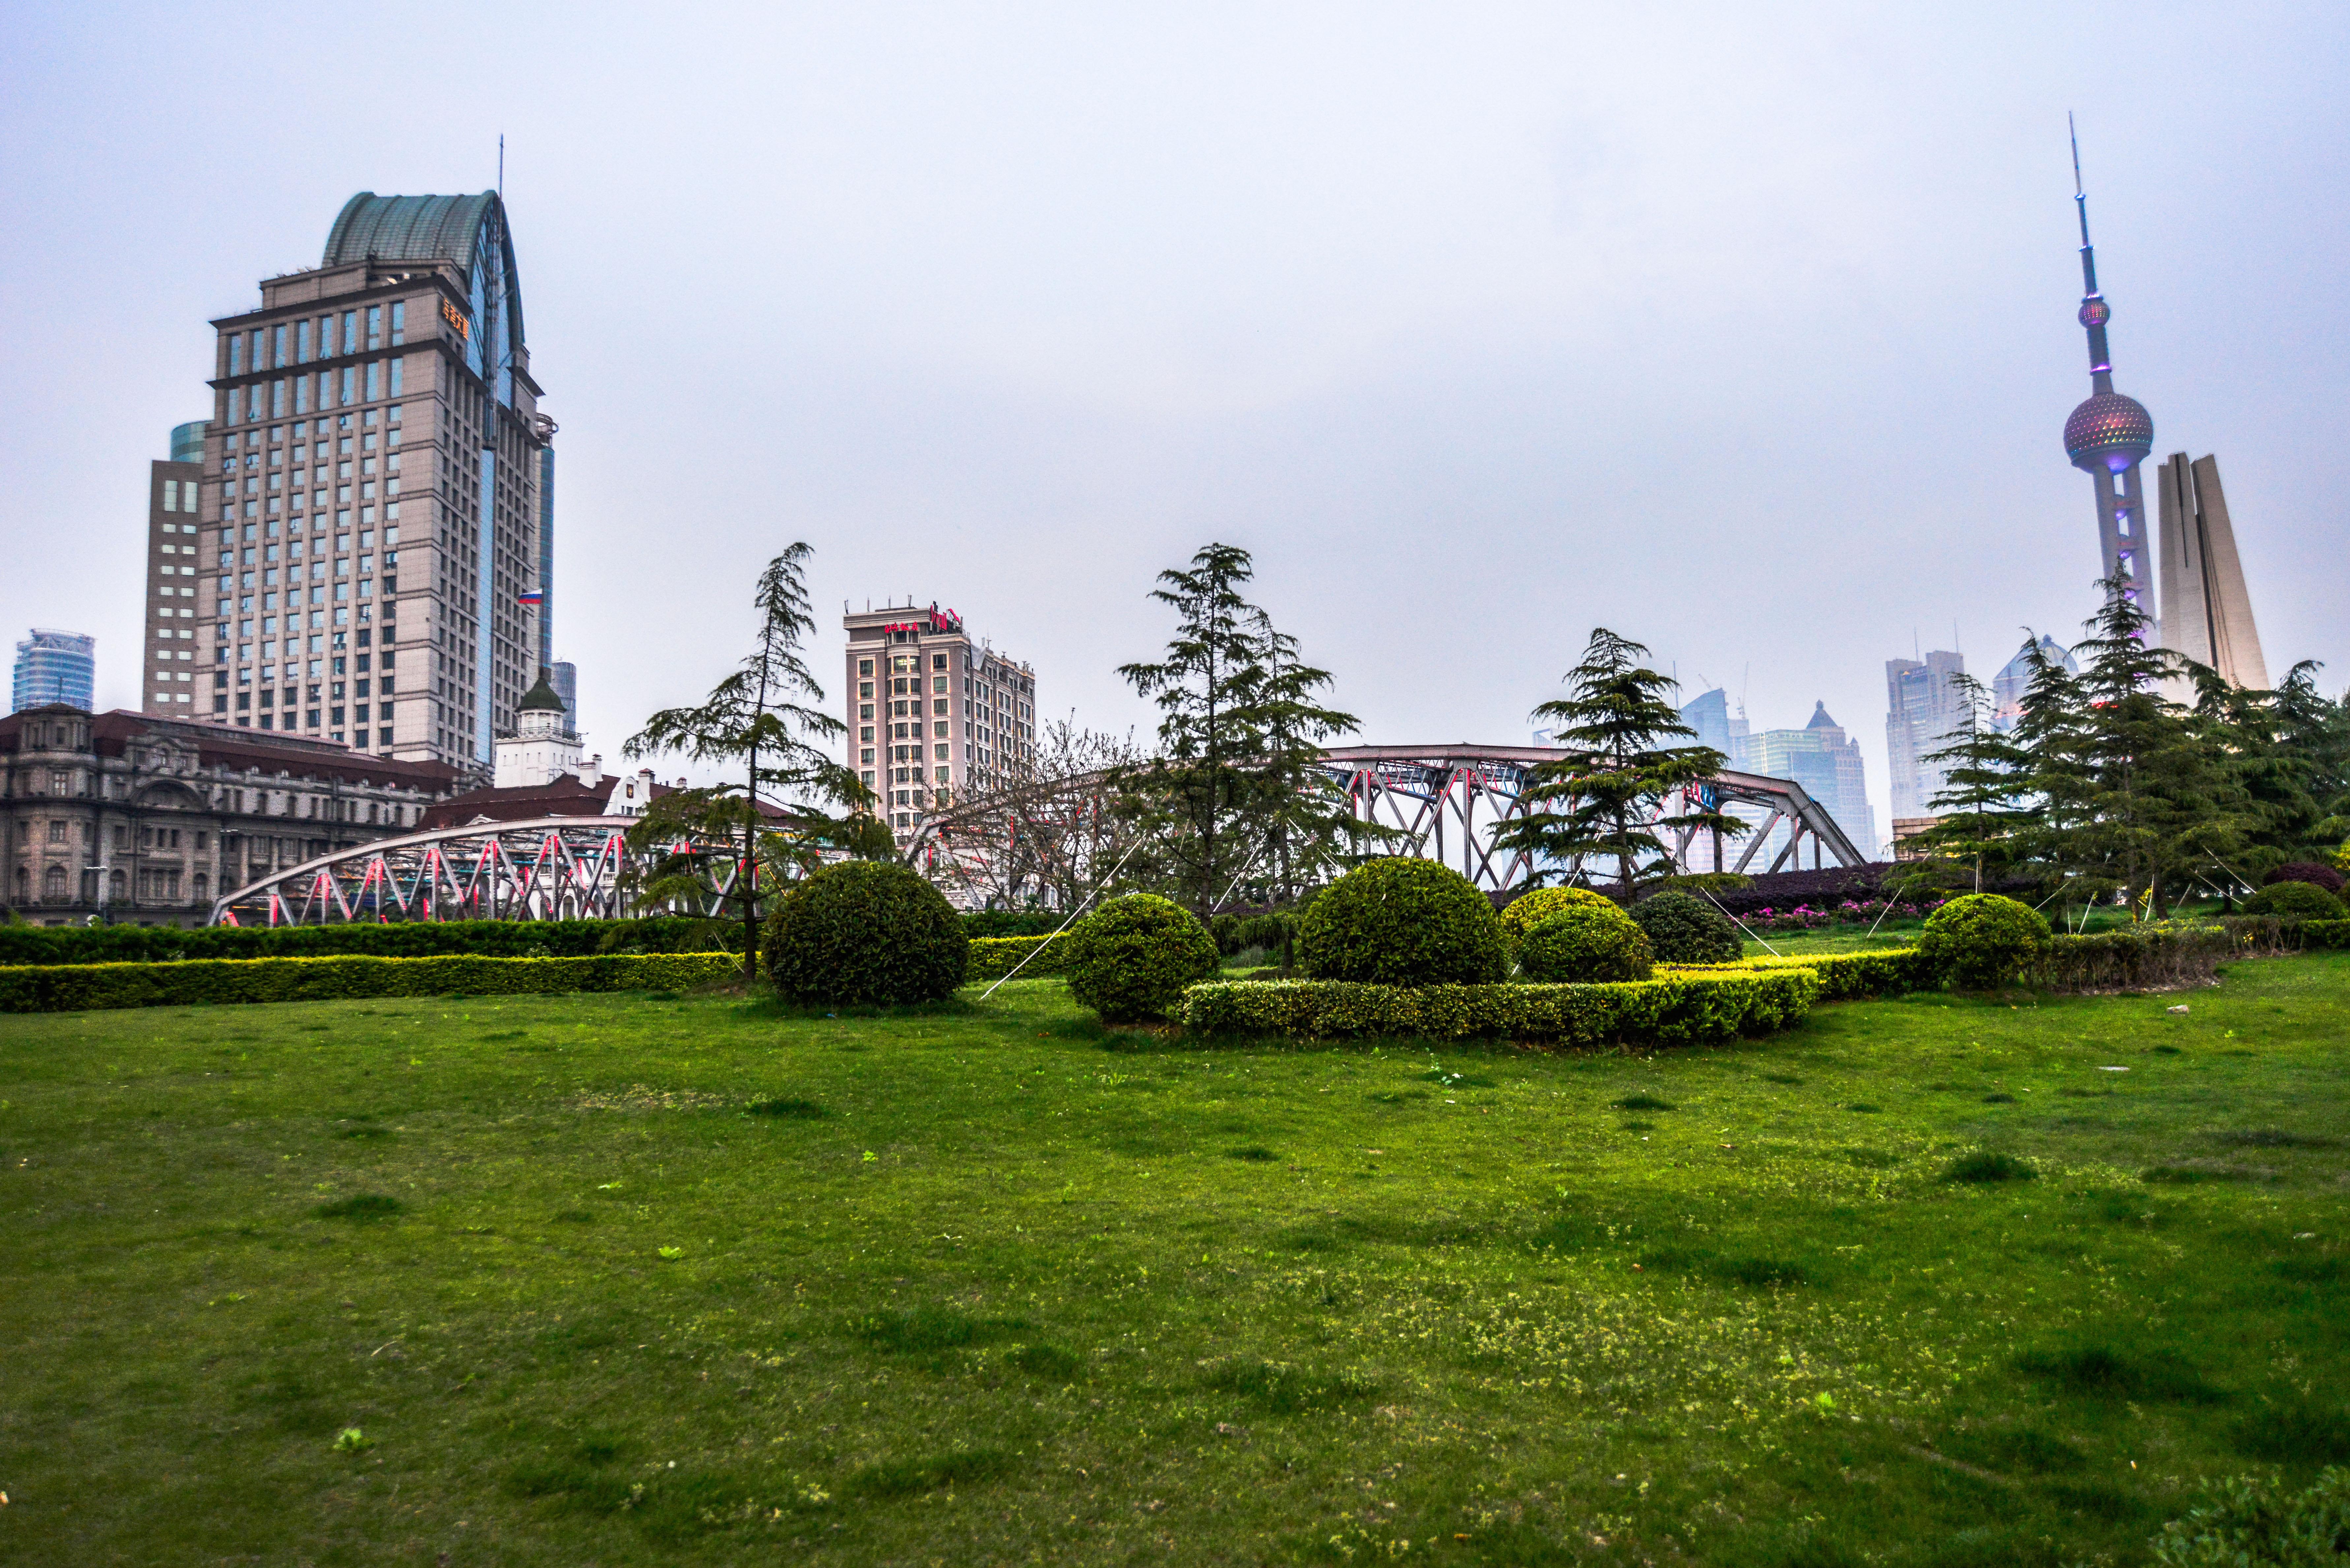 上海2日1晚跟团游·野生动物园 东方明珠 中国馆 外滩